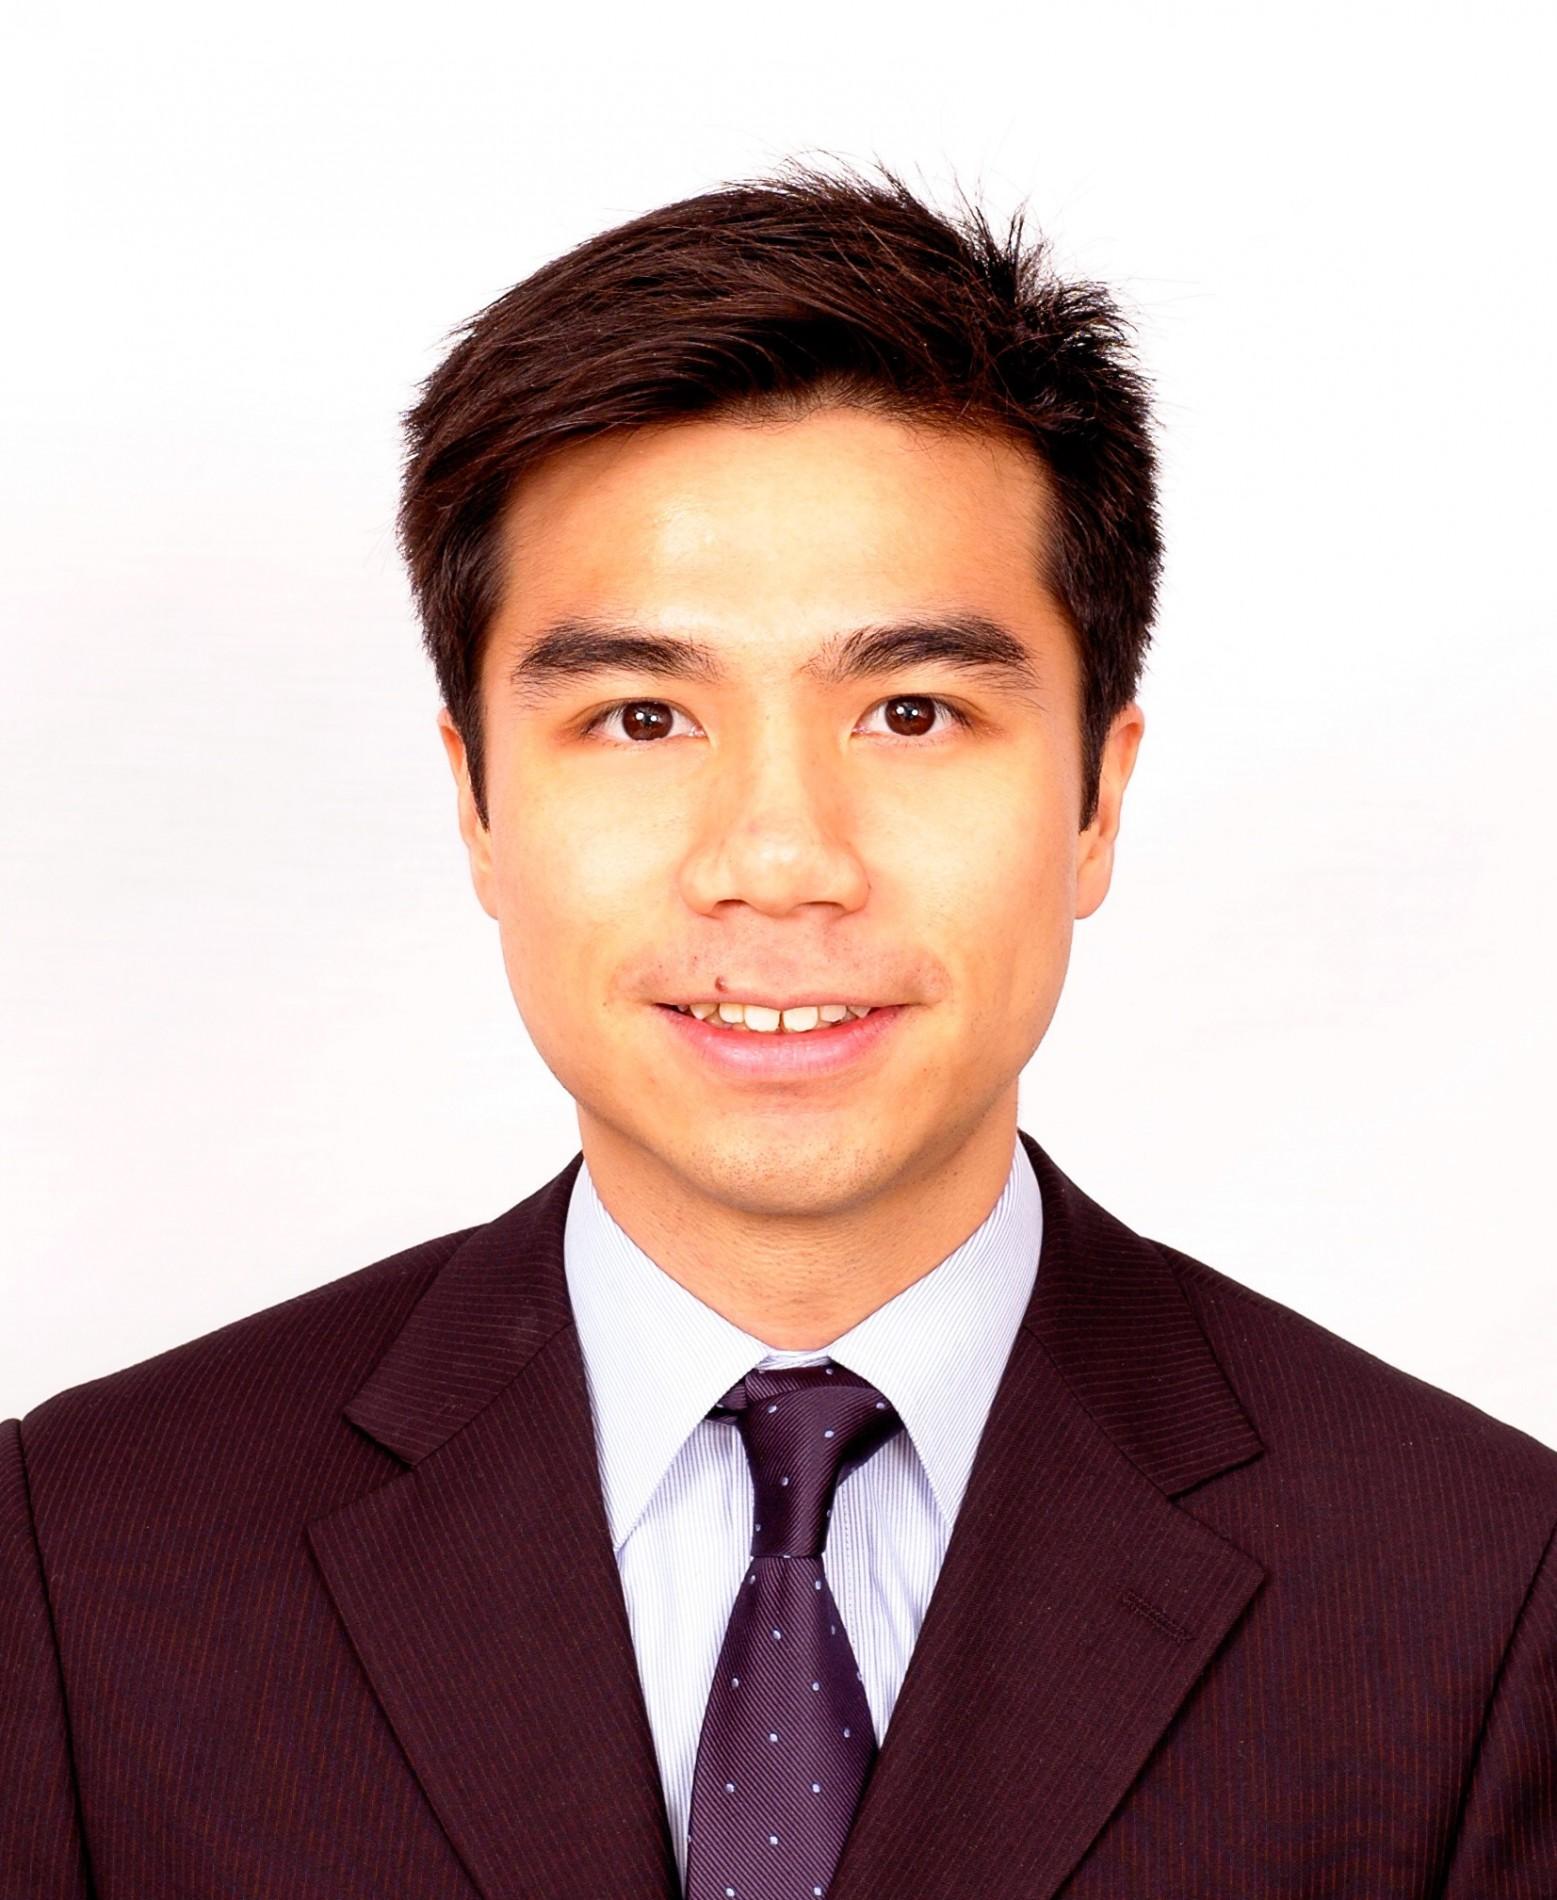 Samuel Yee